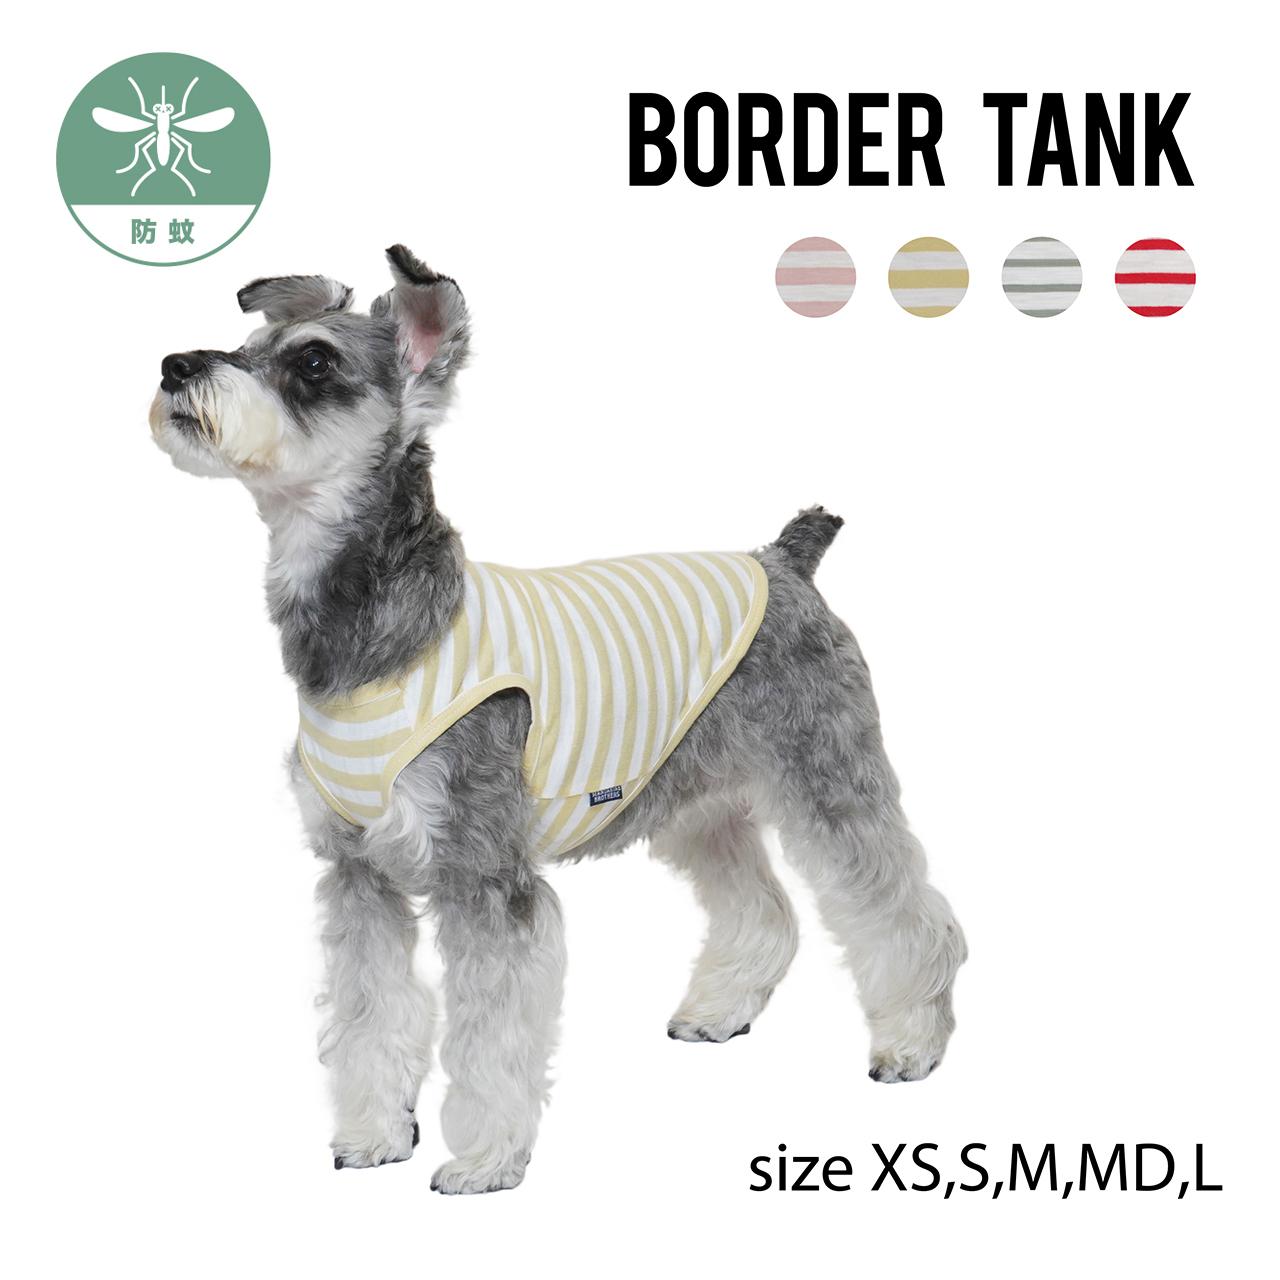 BORDER TANK(XS,S,M,MD,L) ボーダータンク